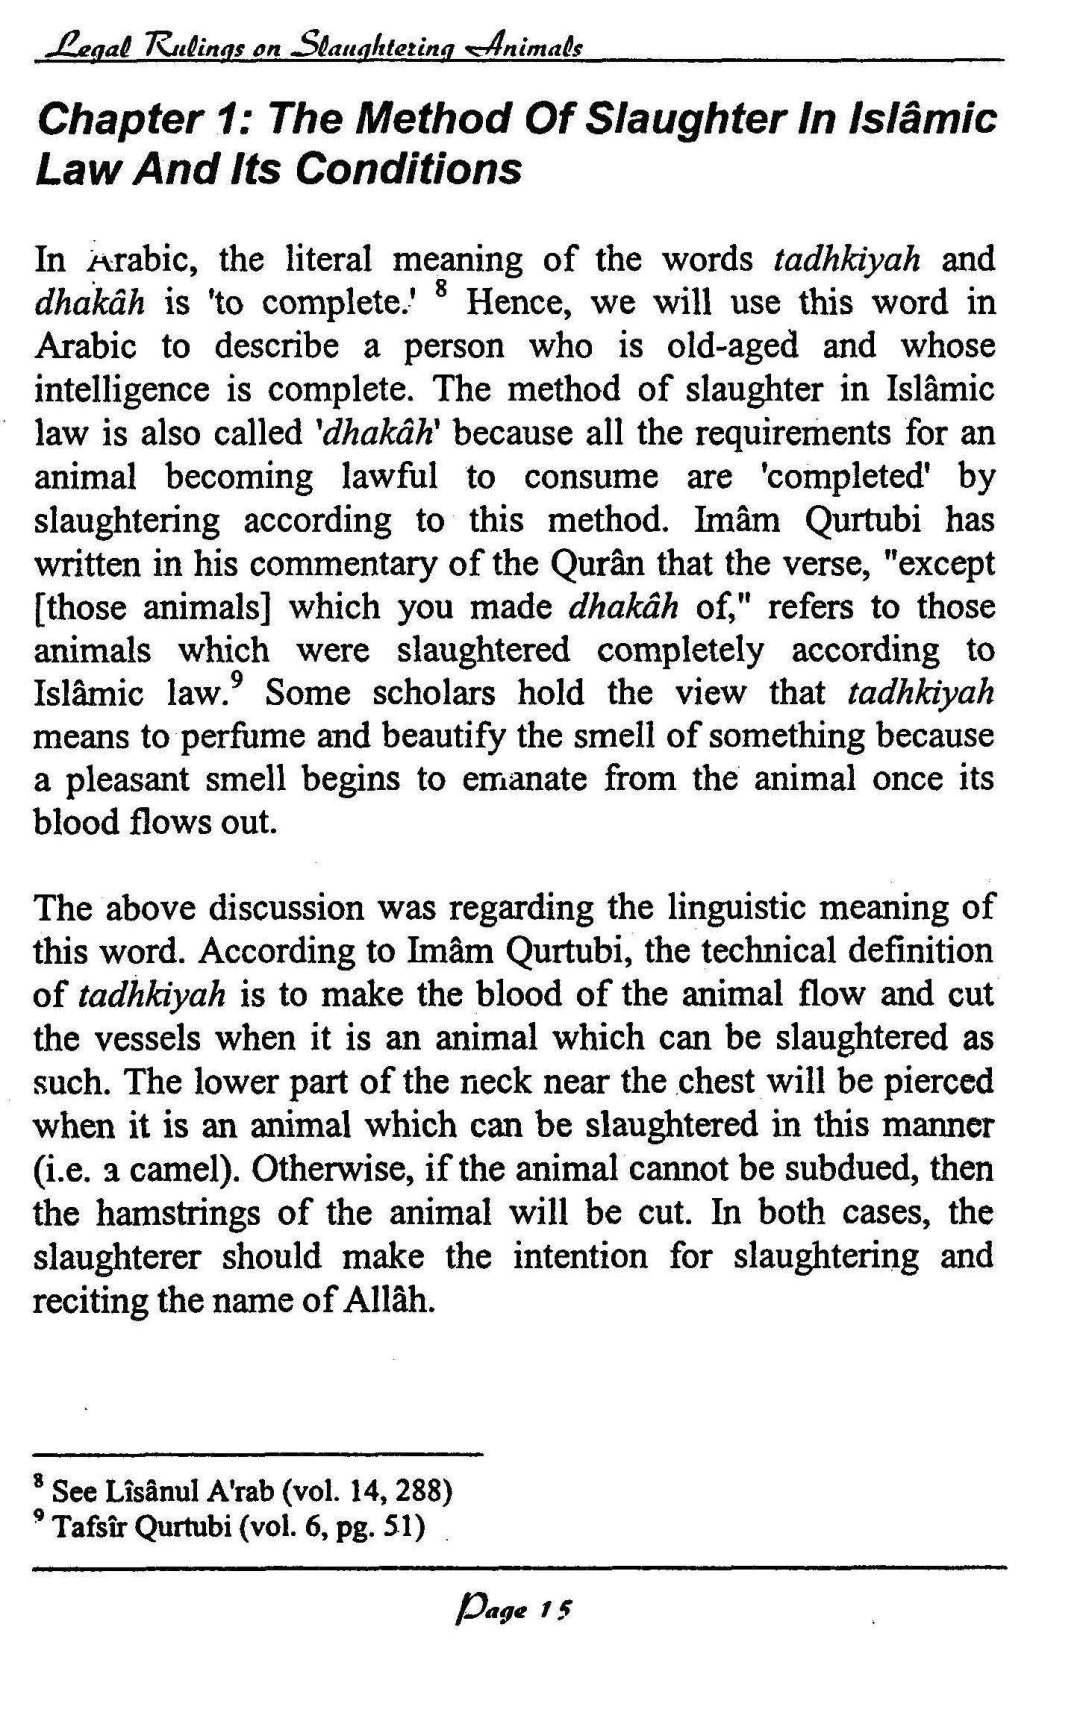 English-InIslamLegalRulingsOnSaughteredAnimal-MuftiTaqiUsmani_Page_08